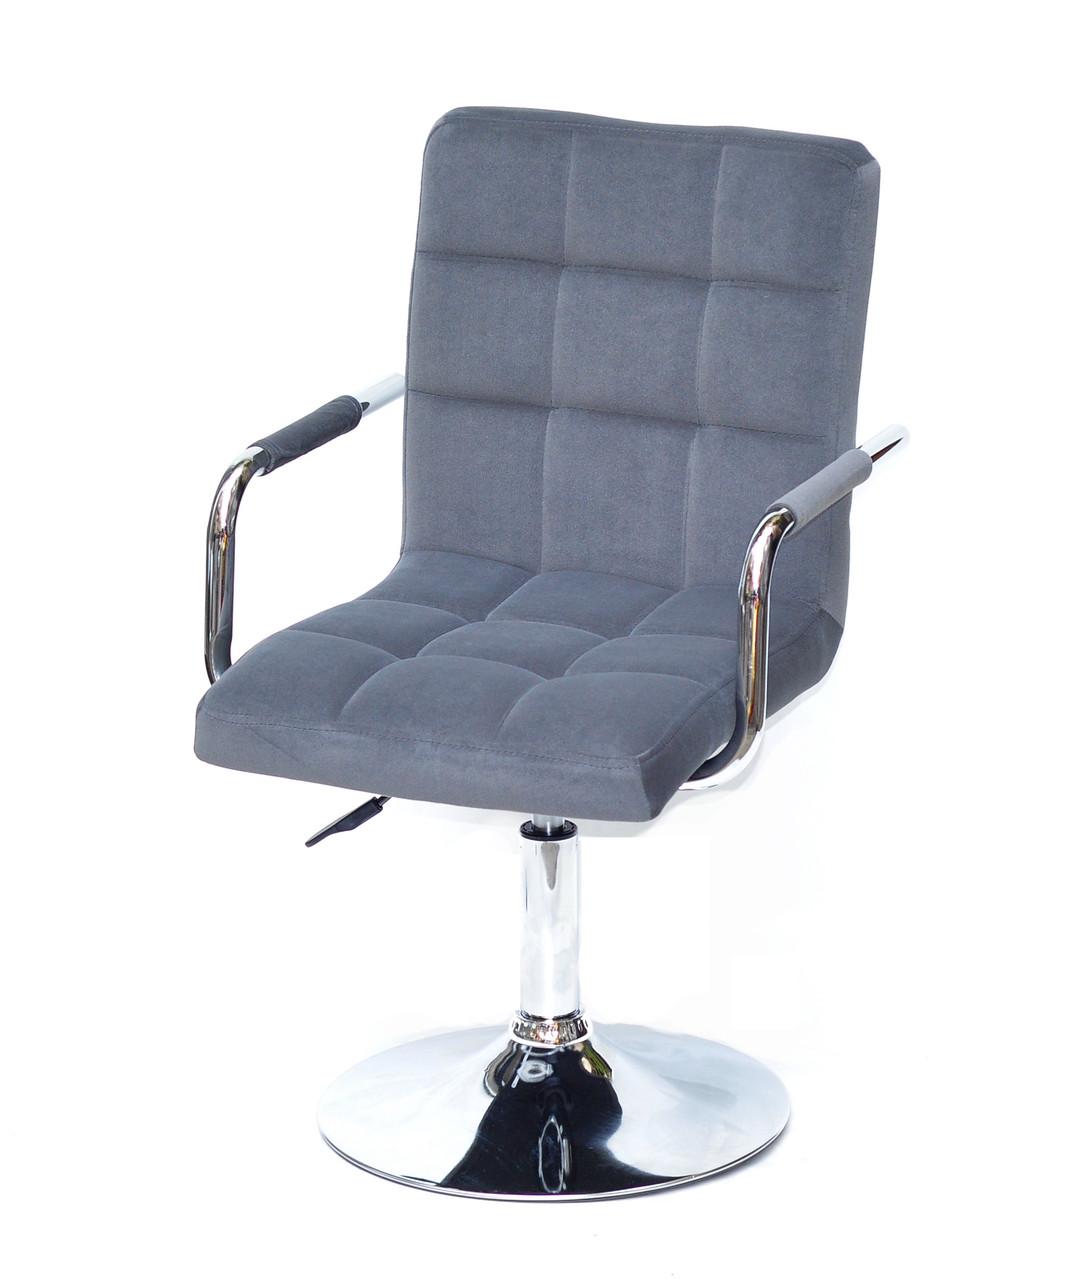 Серое бархатное кресло на круглом хромированном блине с подлокотниками AUGUSTO ARM CH-Base